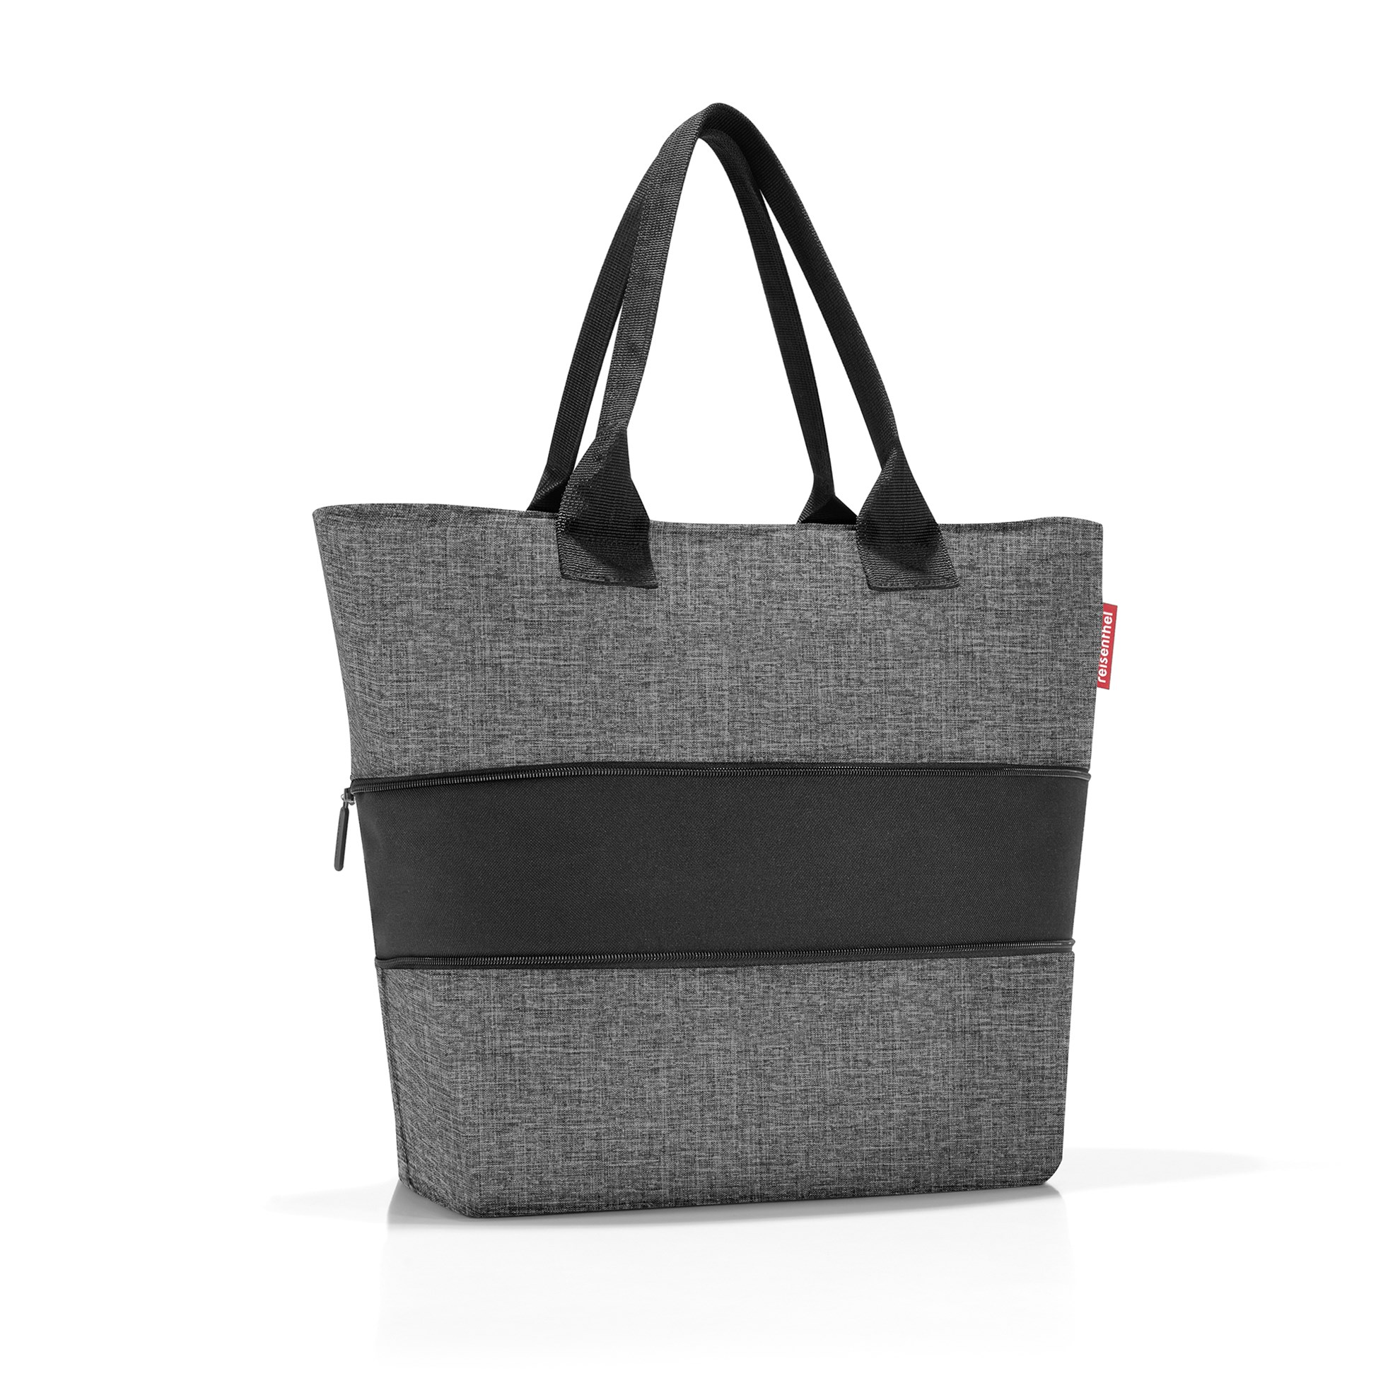 Chytrá taška přes rameno Shopper e1 twist silver_1